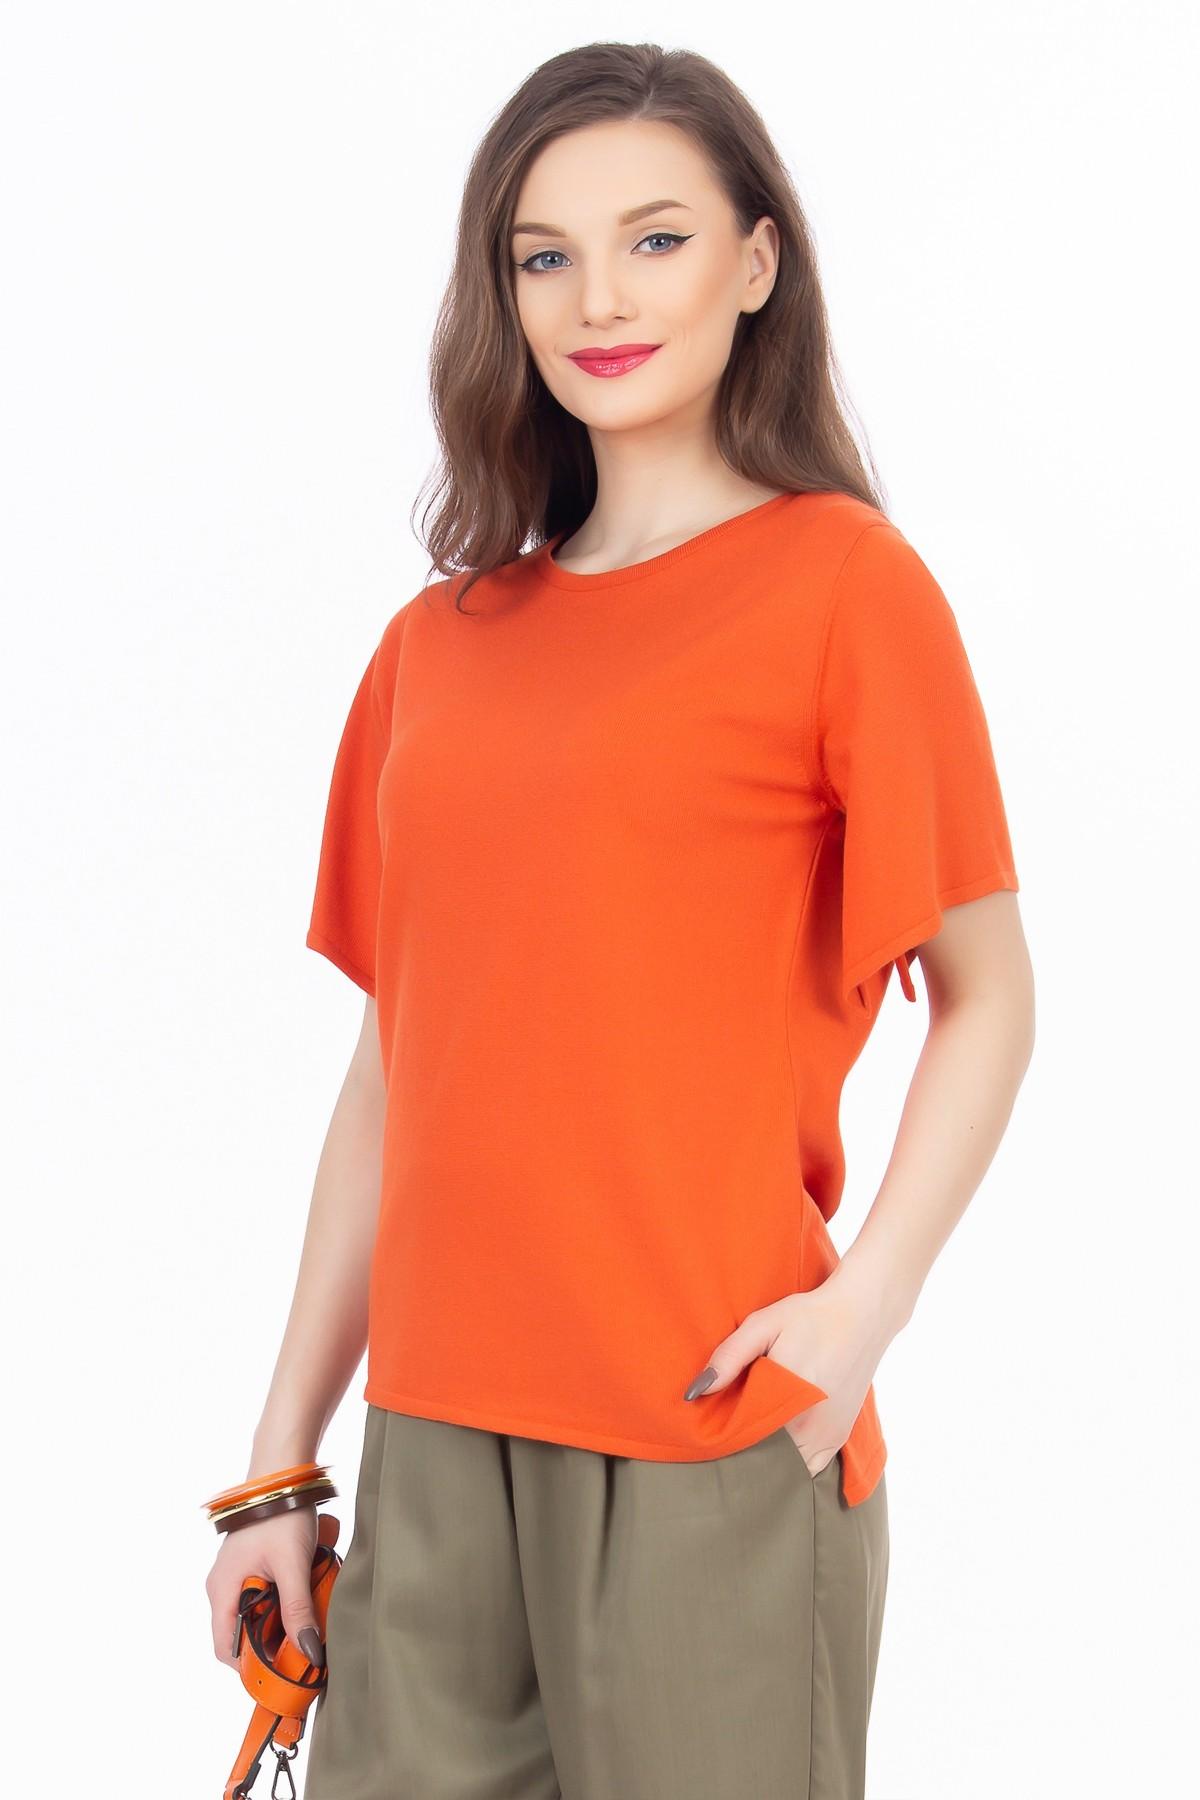 bluza-oranj-tricot-sense